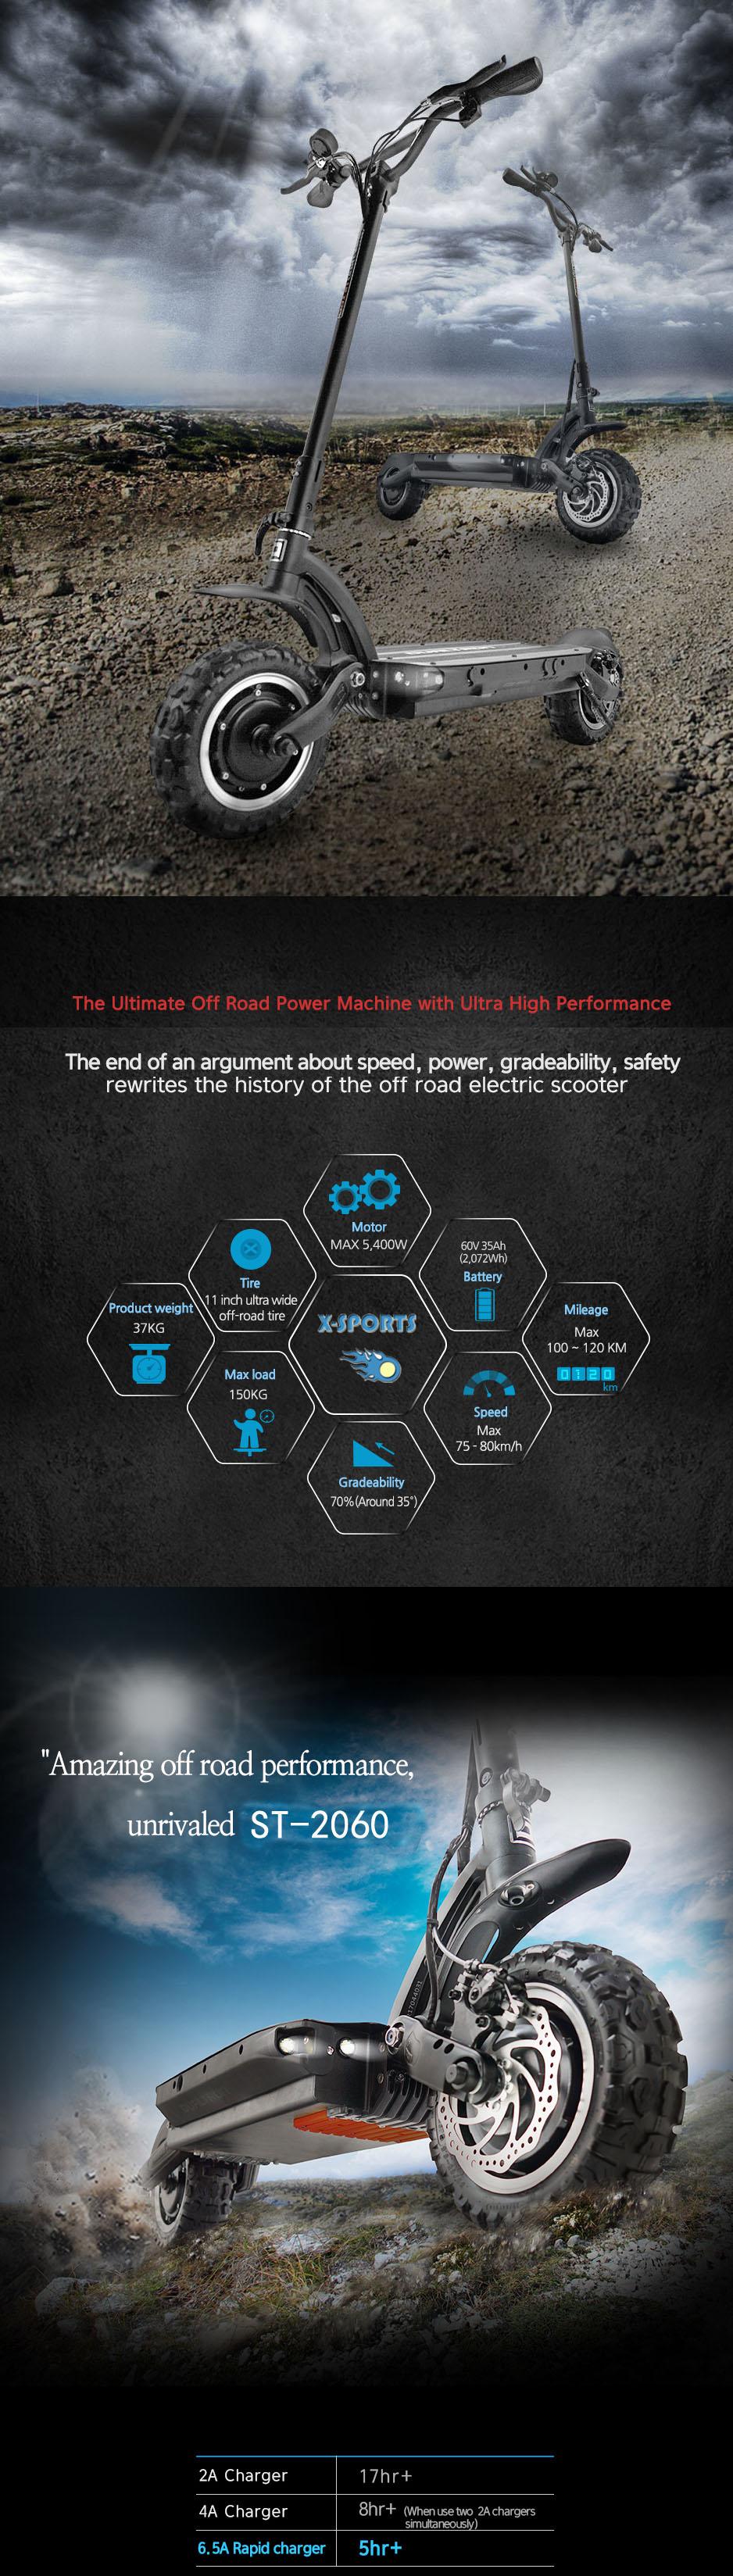 จีนโรงงานราคาถูกราคา MINI พับ 2 ล้อไฟฟ้าสกู๊ตเตอร์สำหรับผู้ใหญ่ 60 V 5000 W